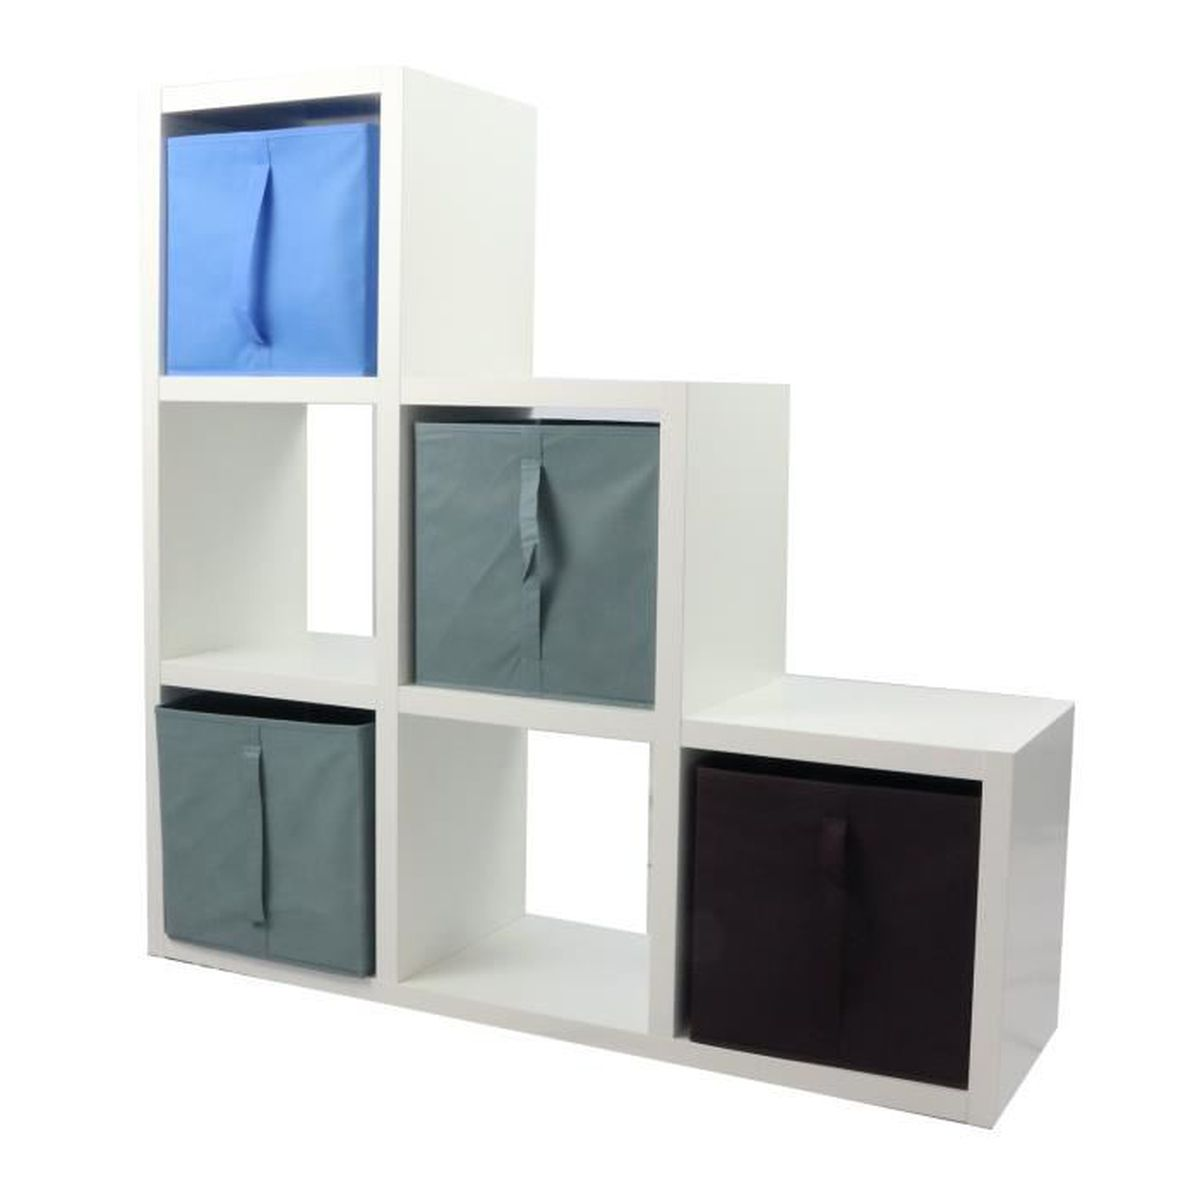 MEUBLE ÉTAGÈRE COMPO Meuble De Rangement 6 Cases + 4 Cubes Bleu/G